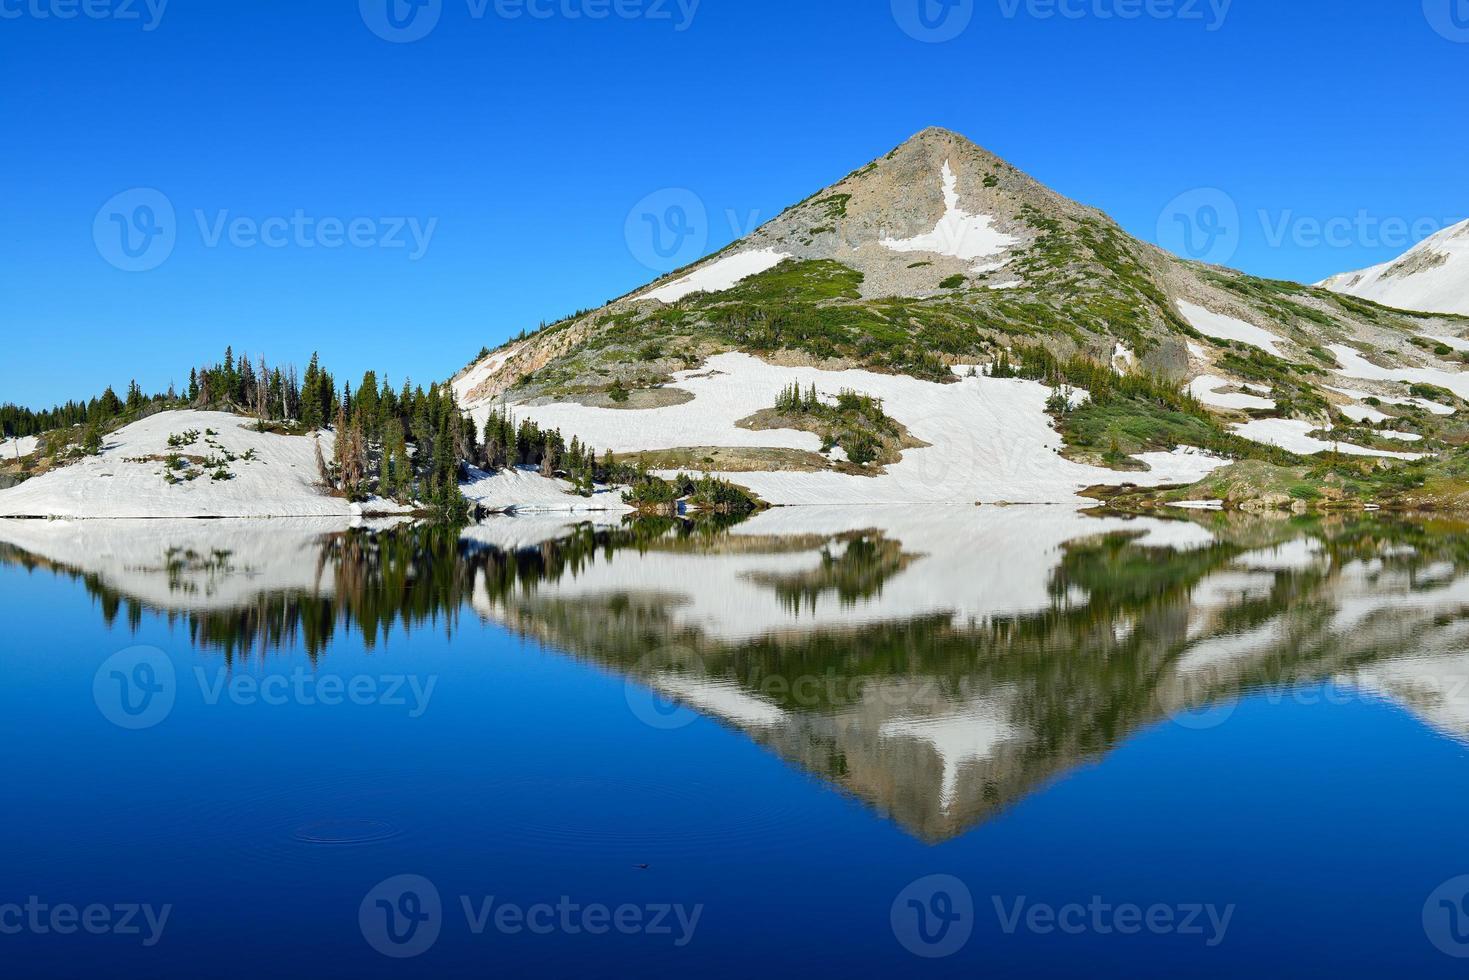 snöiga bergskedjor och alpin sjö med reflektion foto